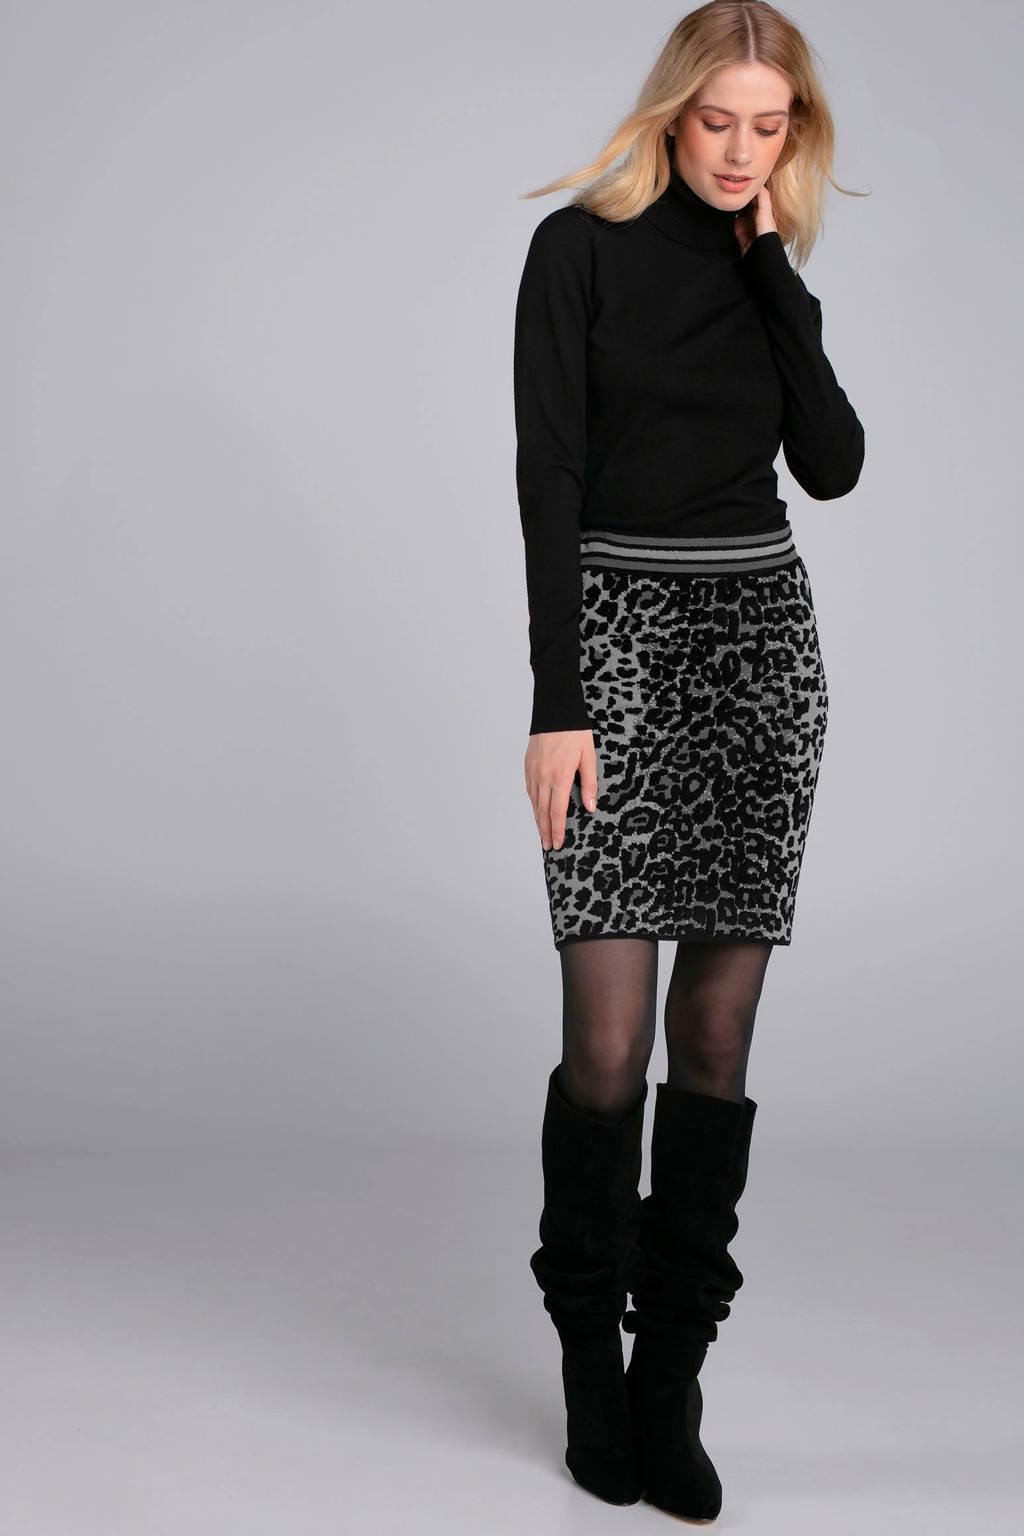 Claudia Sträter rok met luipaardprint grijs/zwart, Grijs,zwart